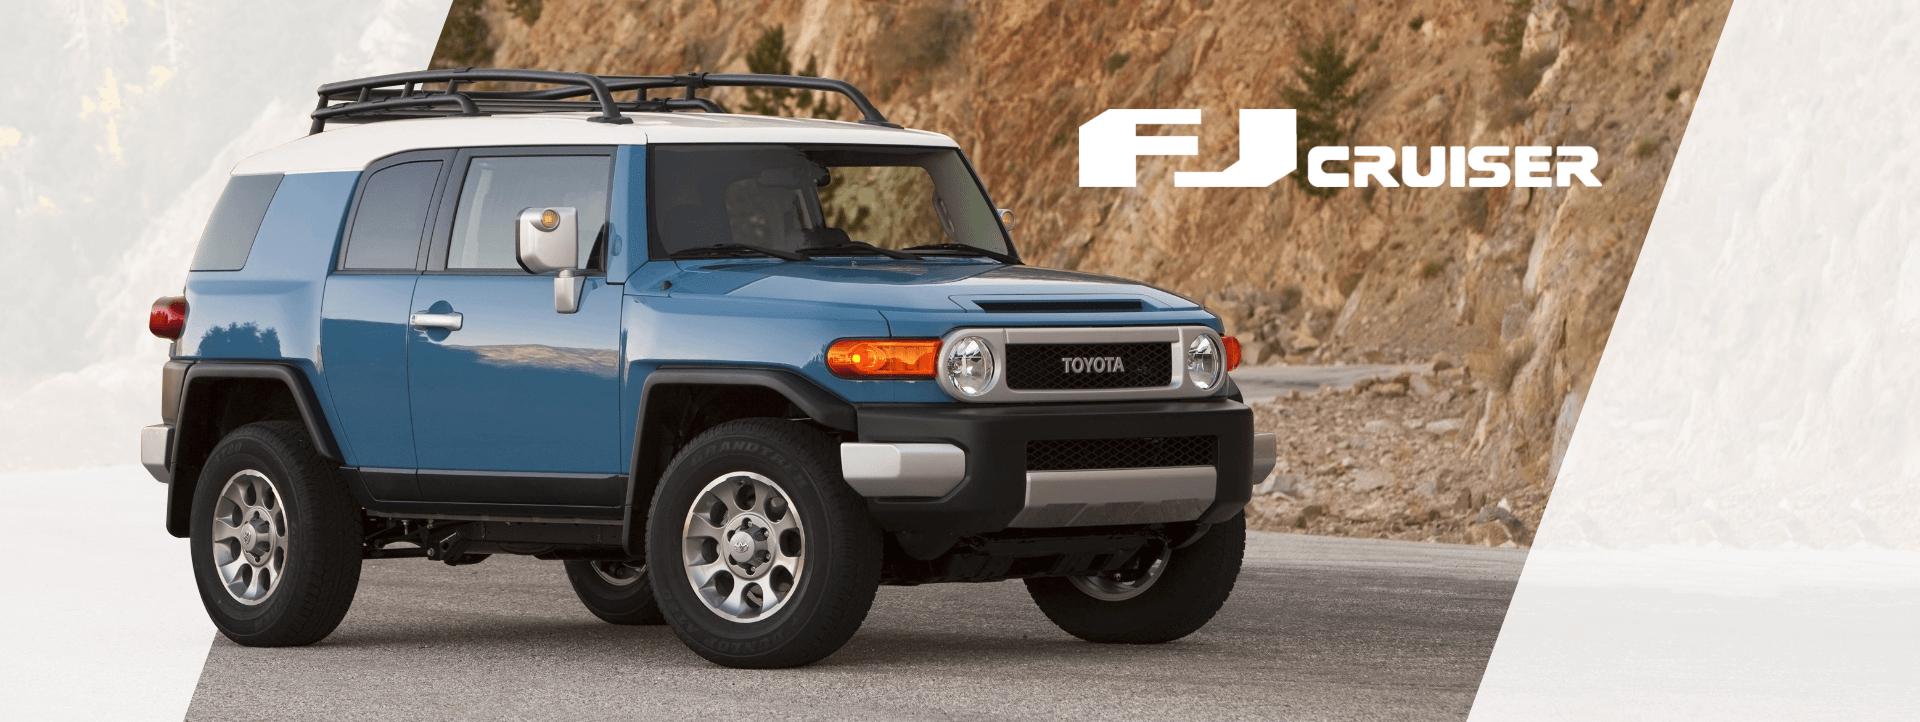 FJ Cruiser Desktop Banner